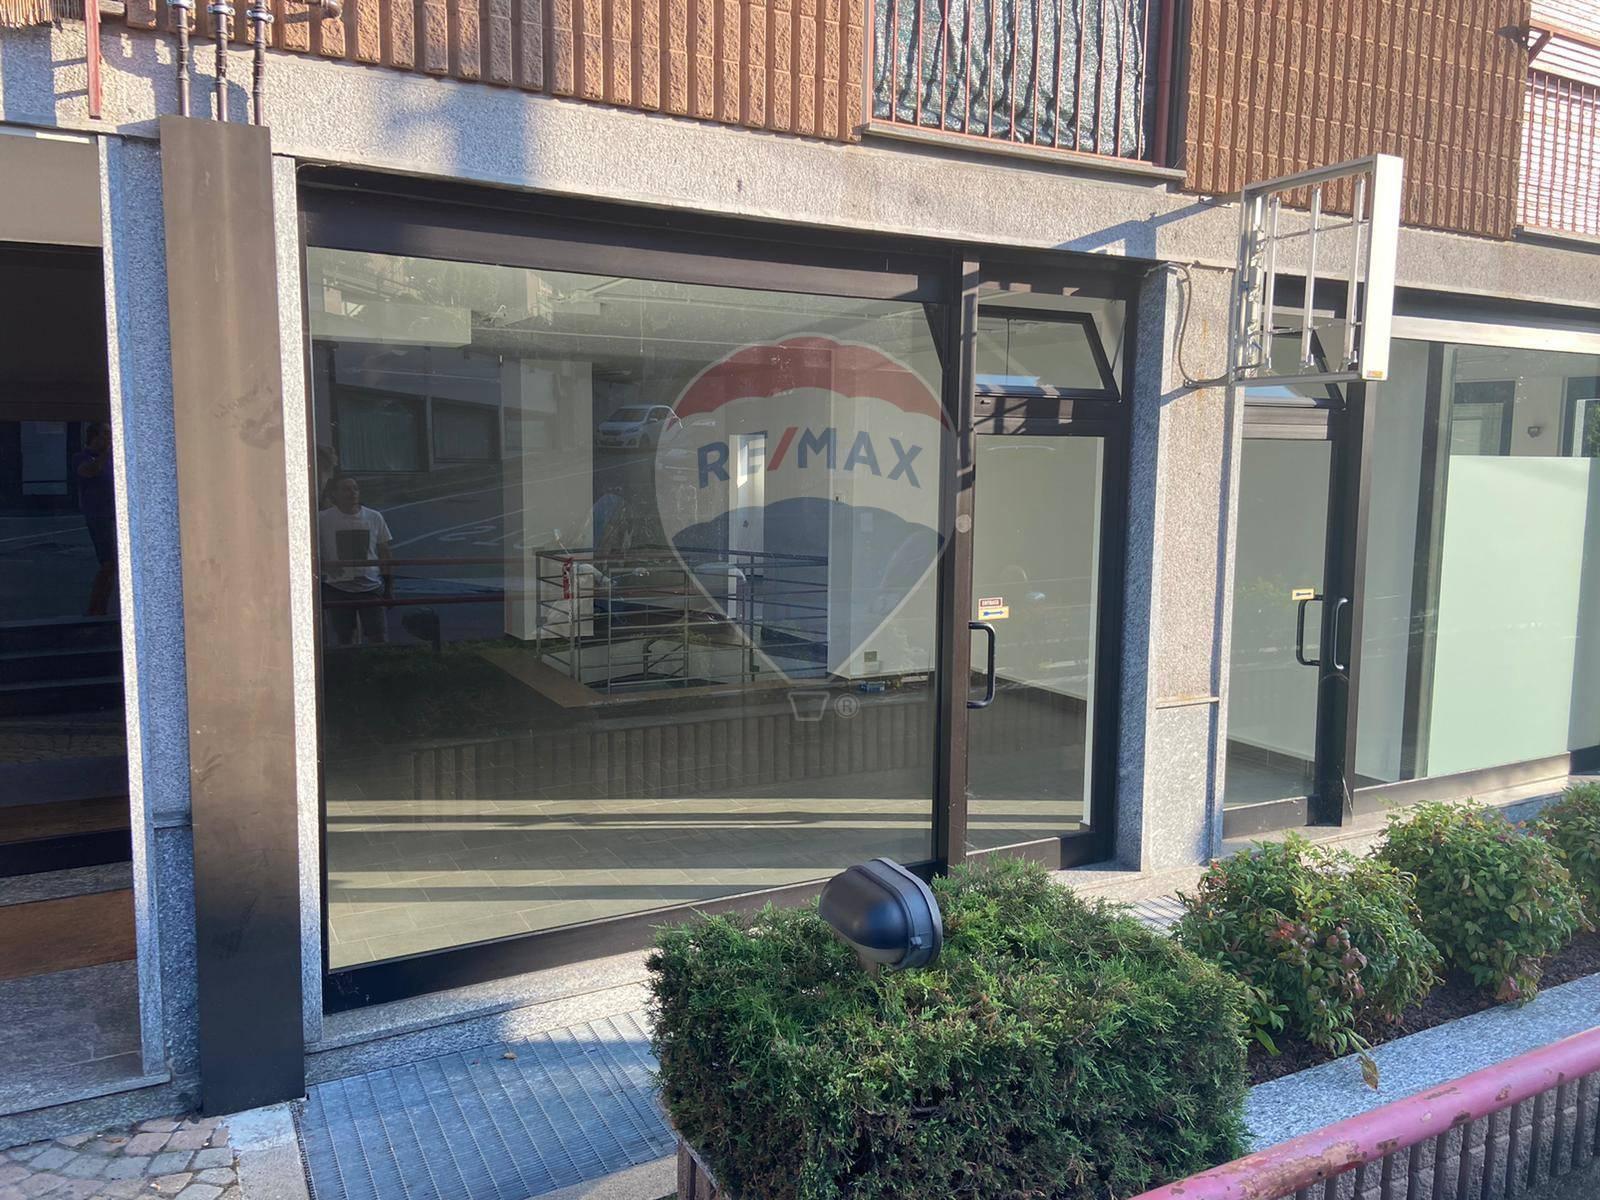 Negozio / Locale in affitto a Varese, 9999 locali, zona Zona: Masnago, prezzo € 700 | CambioCasa.it